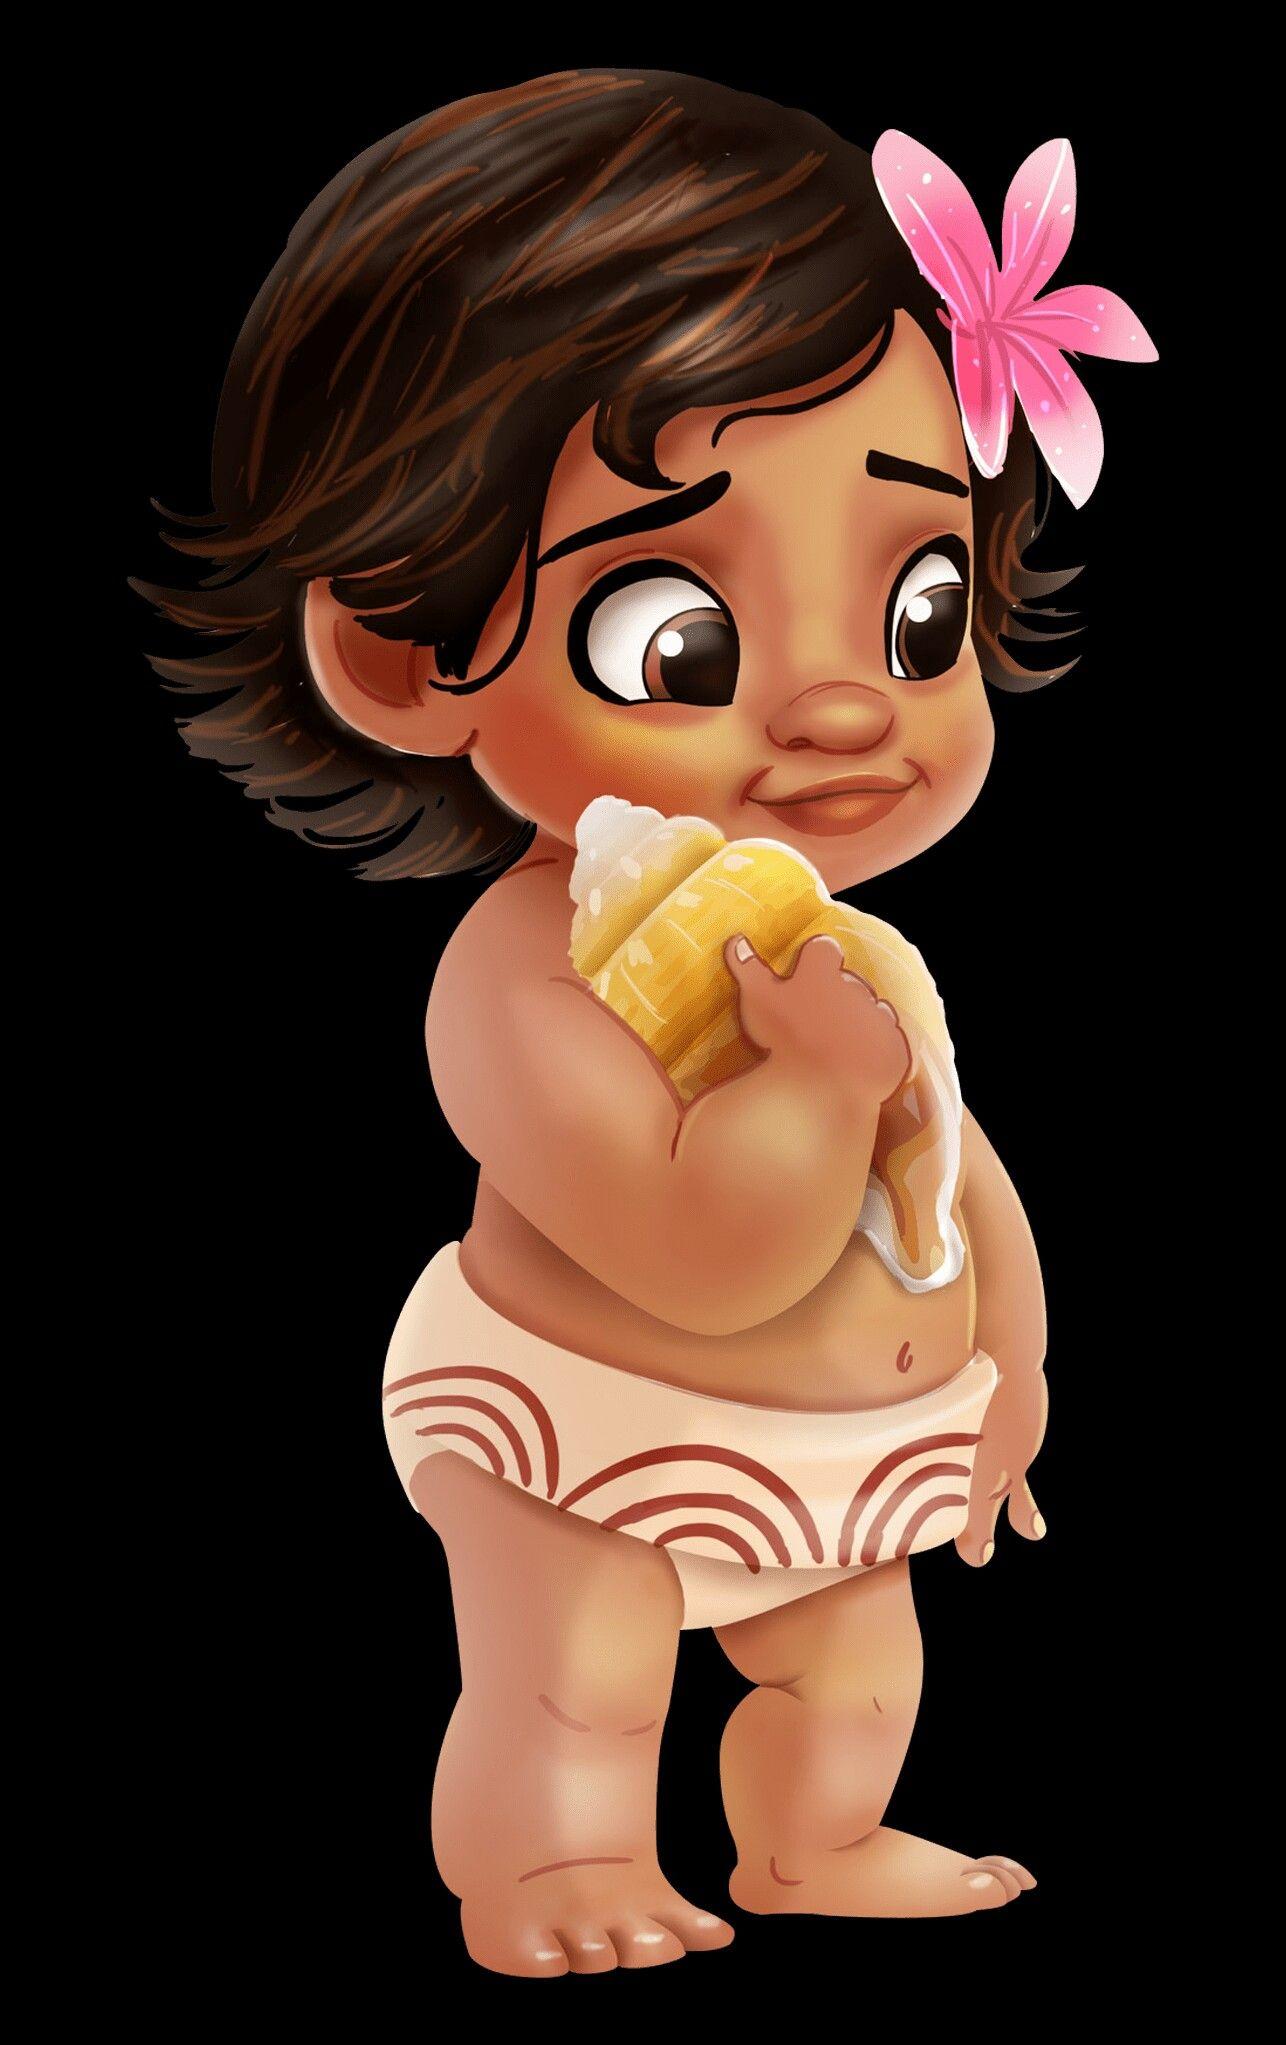 Pin By Maureen Guzman On Moana Moana Drawing Disney Moana Moana Movie